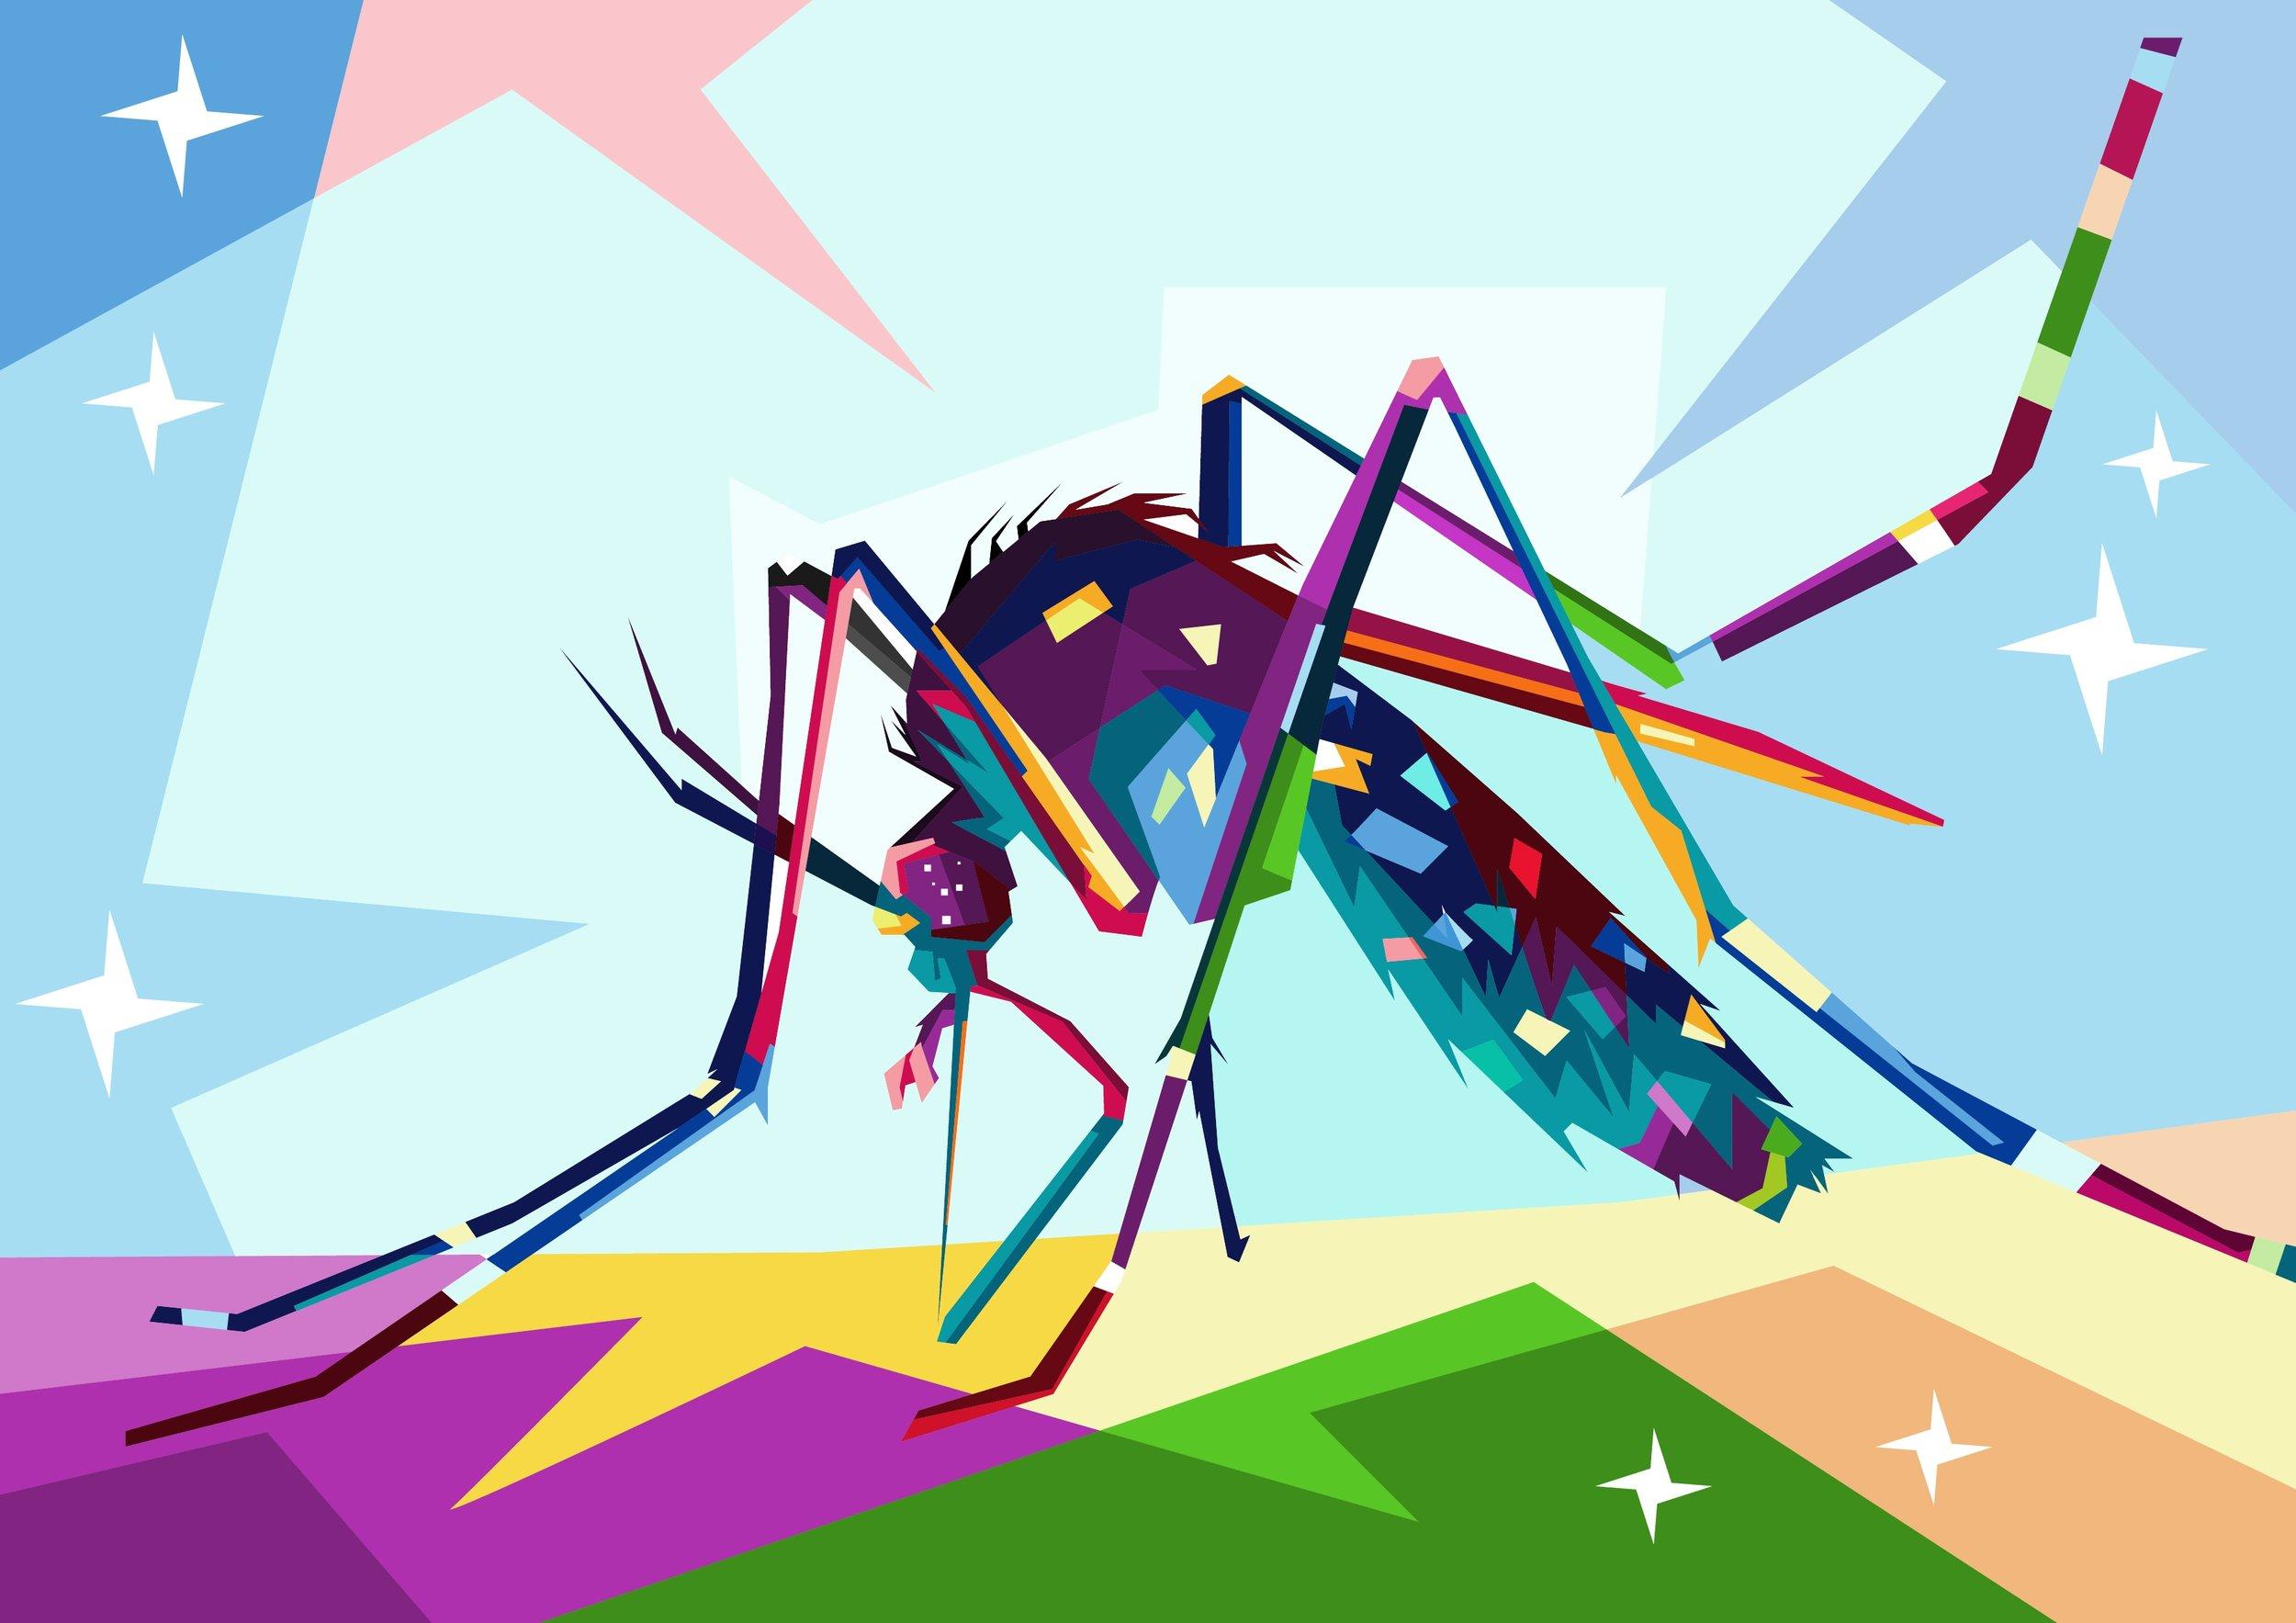 mosquito-3787592.jpg